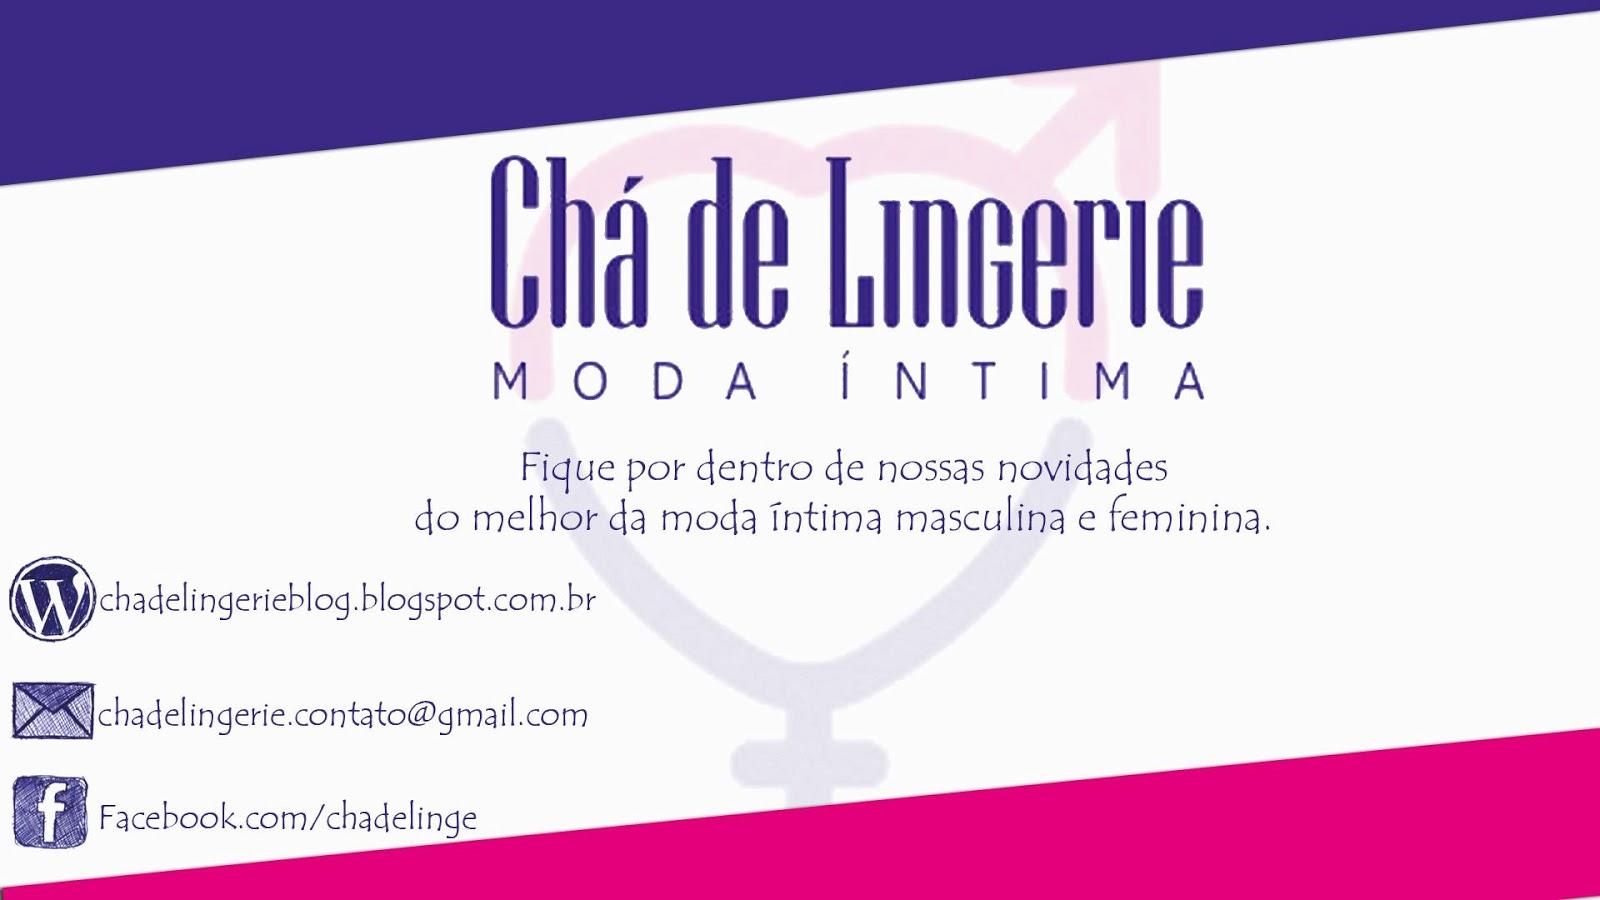 7fa5dfd44 Chá de Lingerie - Um novo Conceito em Moda Intima  2013